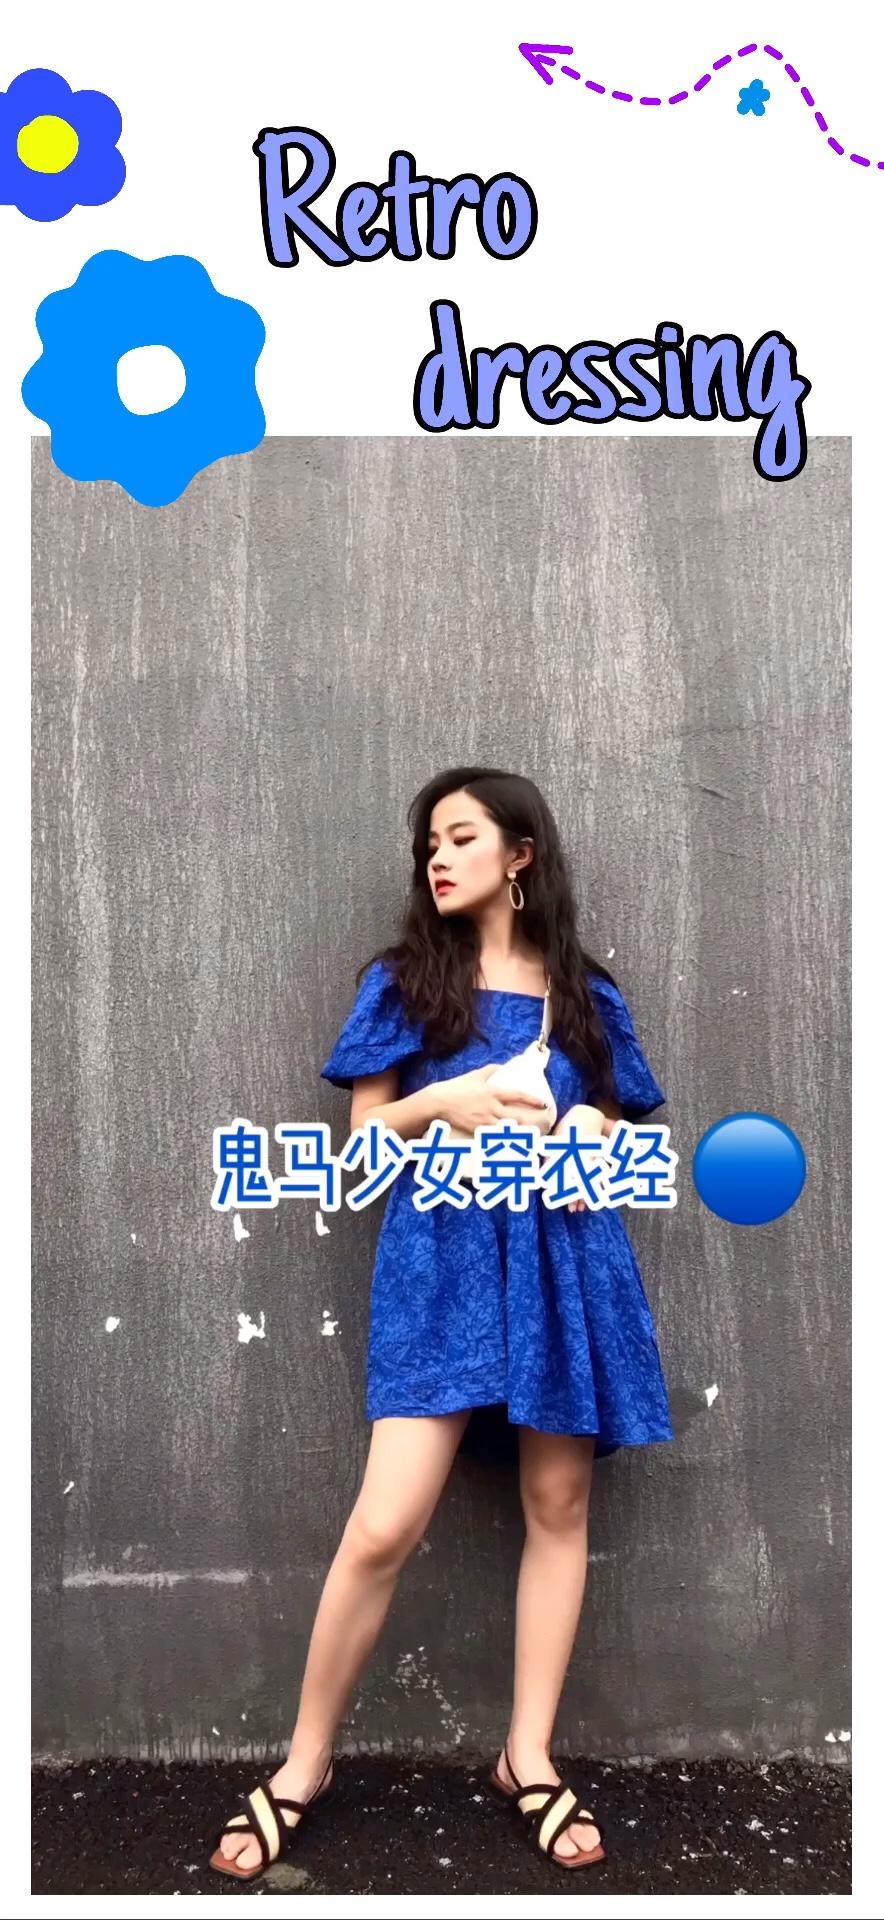 宝蓝色大方领泡泡袖连衣裙 斜挎白色腰包 整套简约时髦##《陈情令》蓝家教你穿蓝#